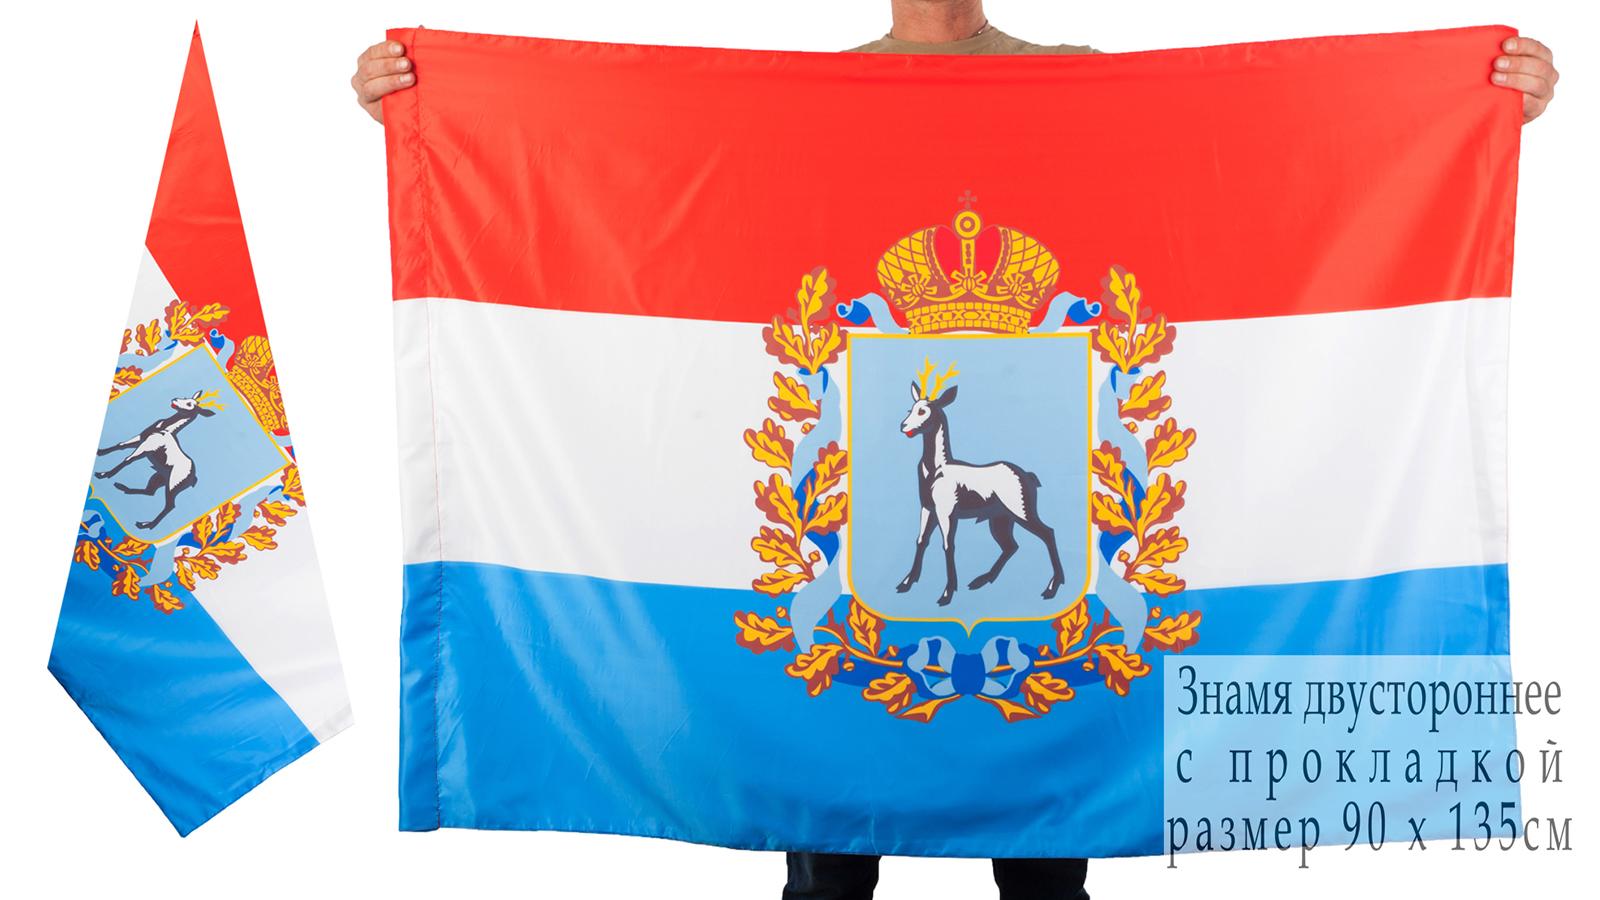 Двухсторонний флаг Самарской области